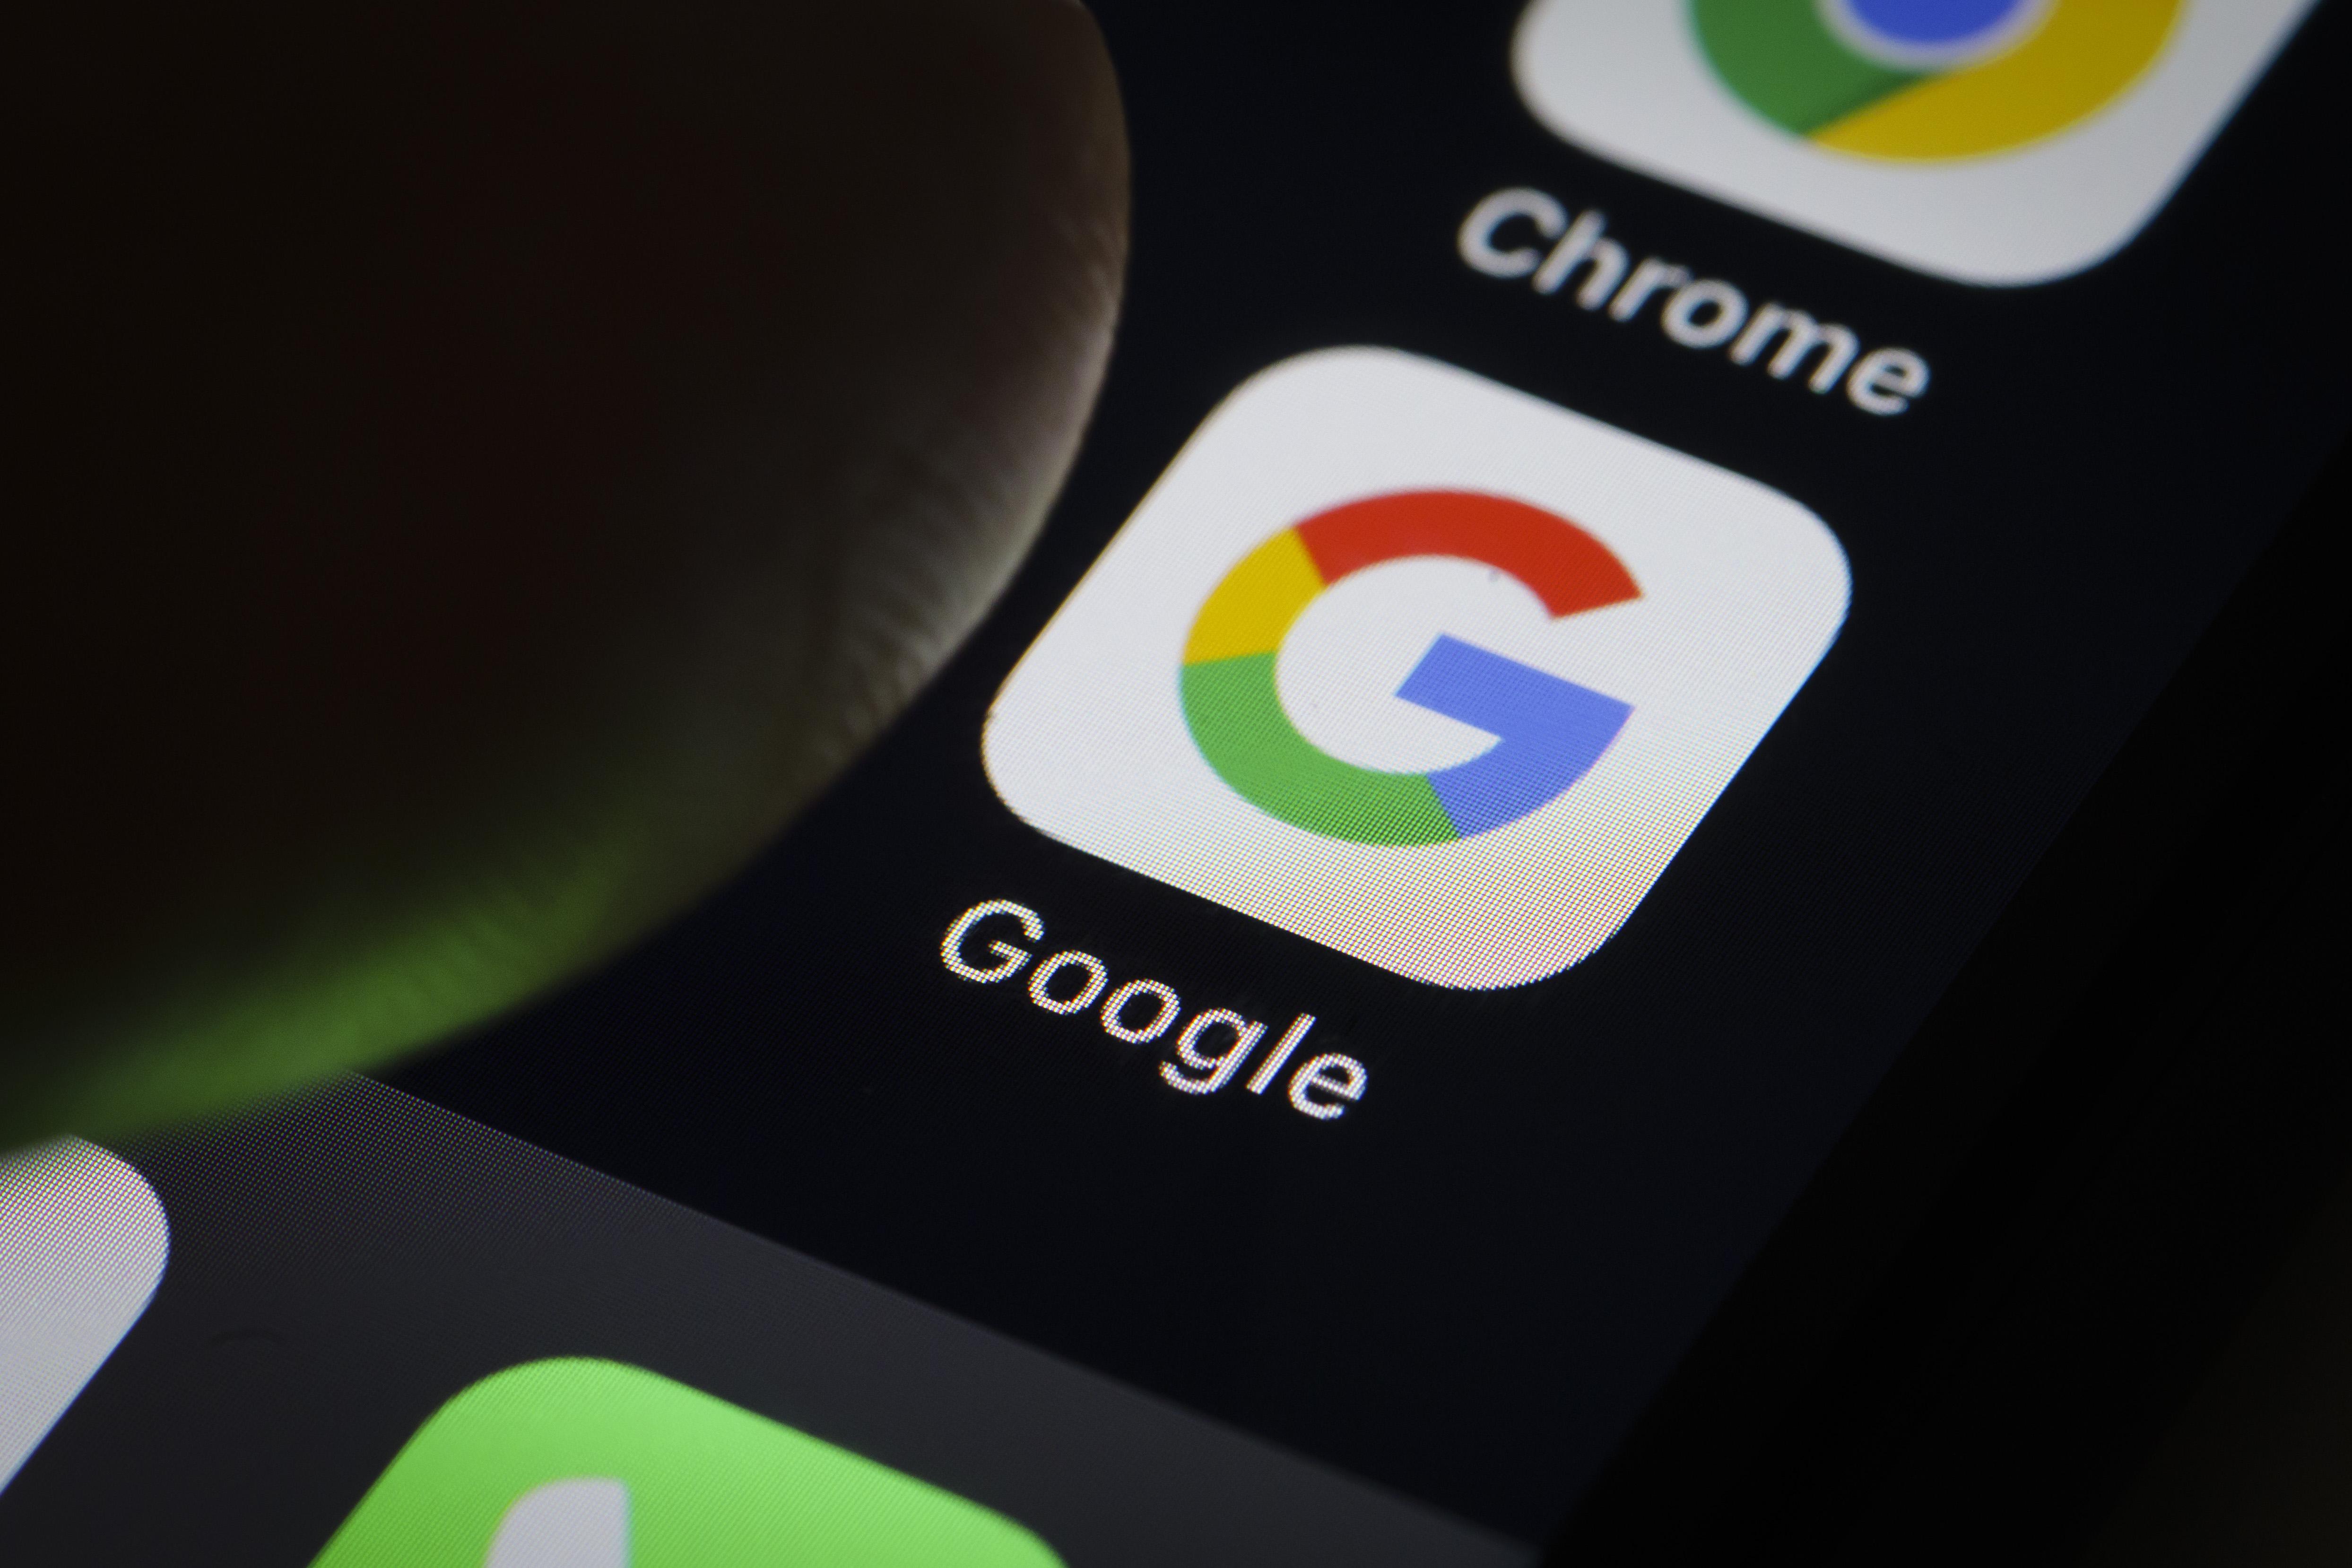 Google app seen on smartphone screen